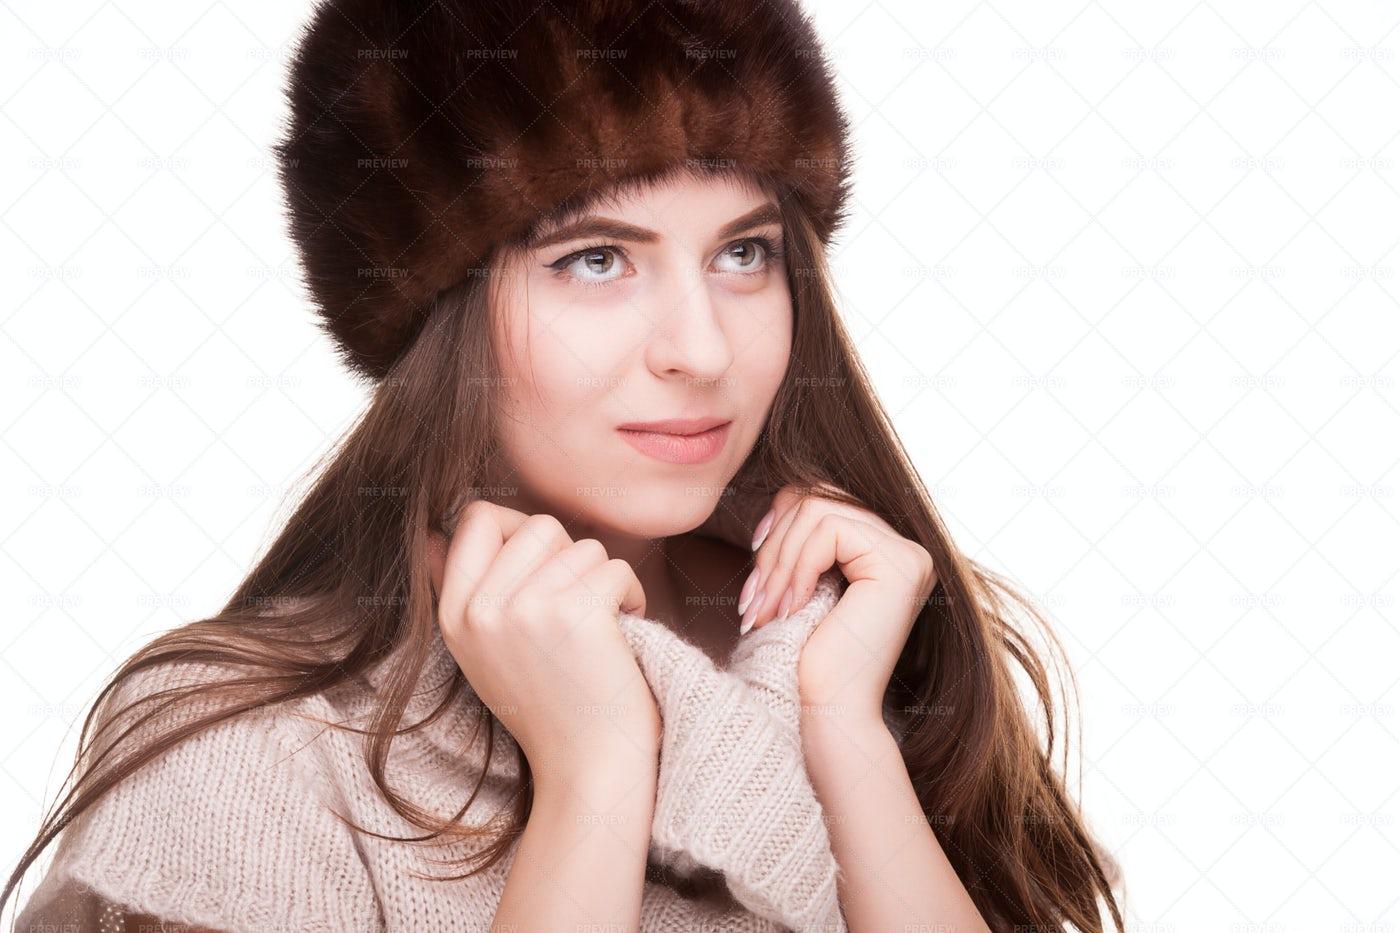 Woman Holding Sweater Collar: Stock Photos